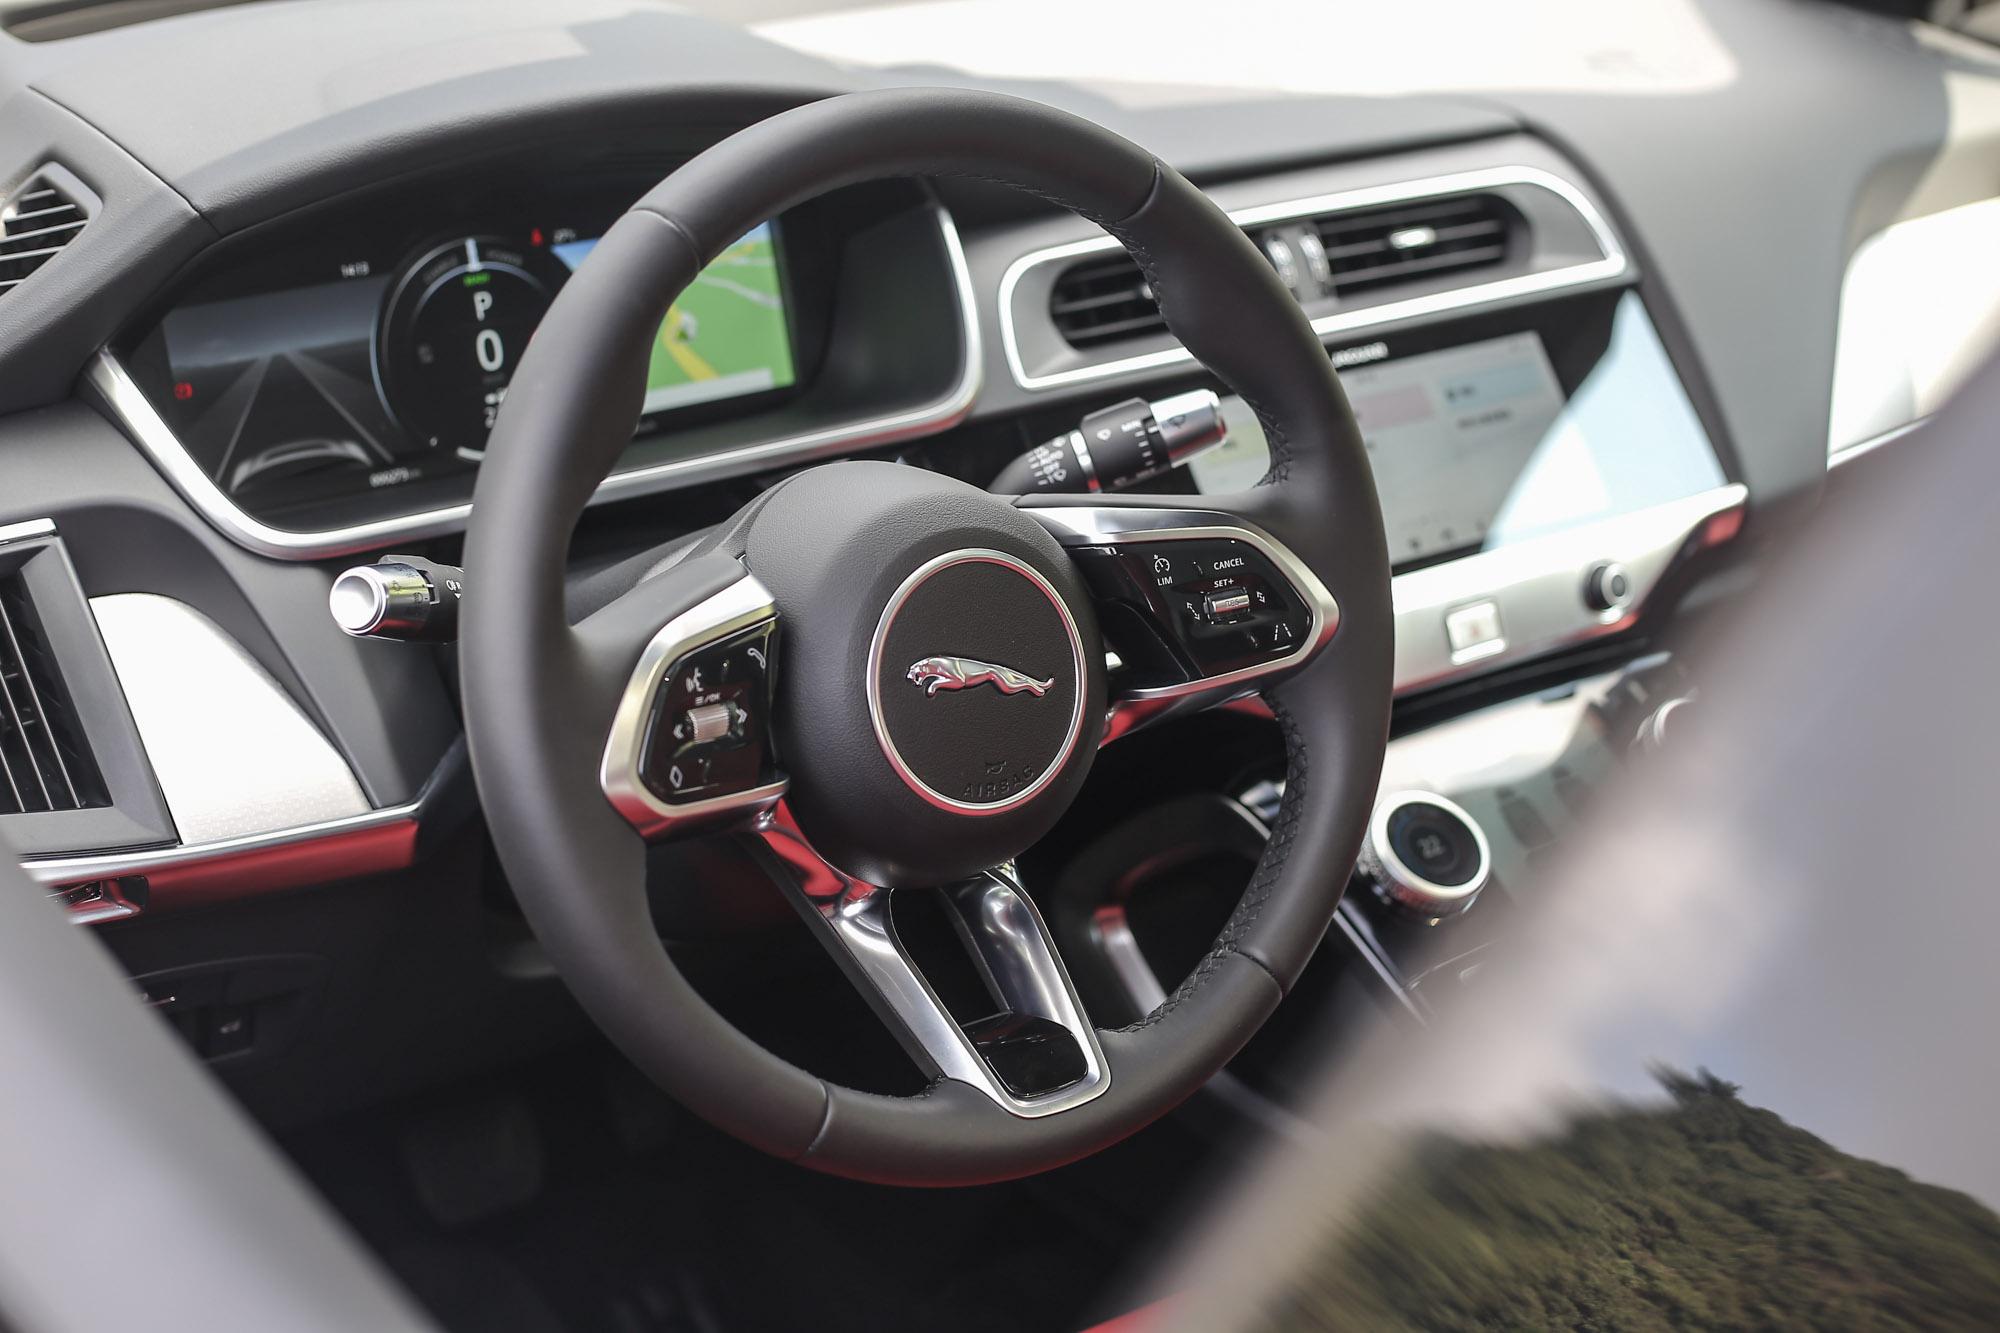 一如當前 Jaguar 世代的設計美學,I-Pace 於內裝鋪陳同樣於大膽中求得絕佳質感。